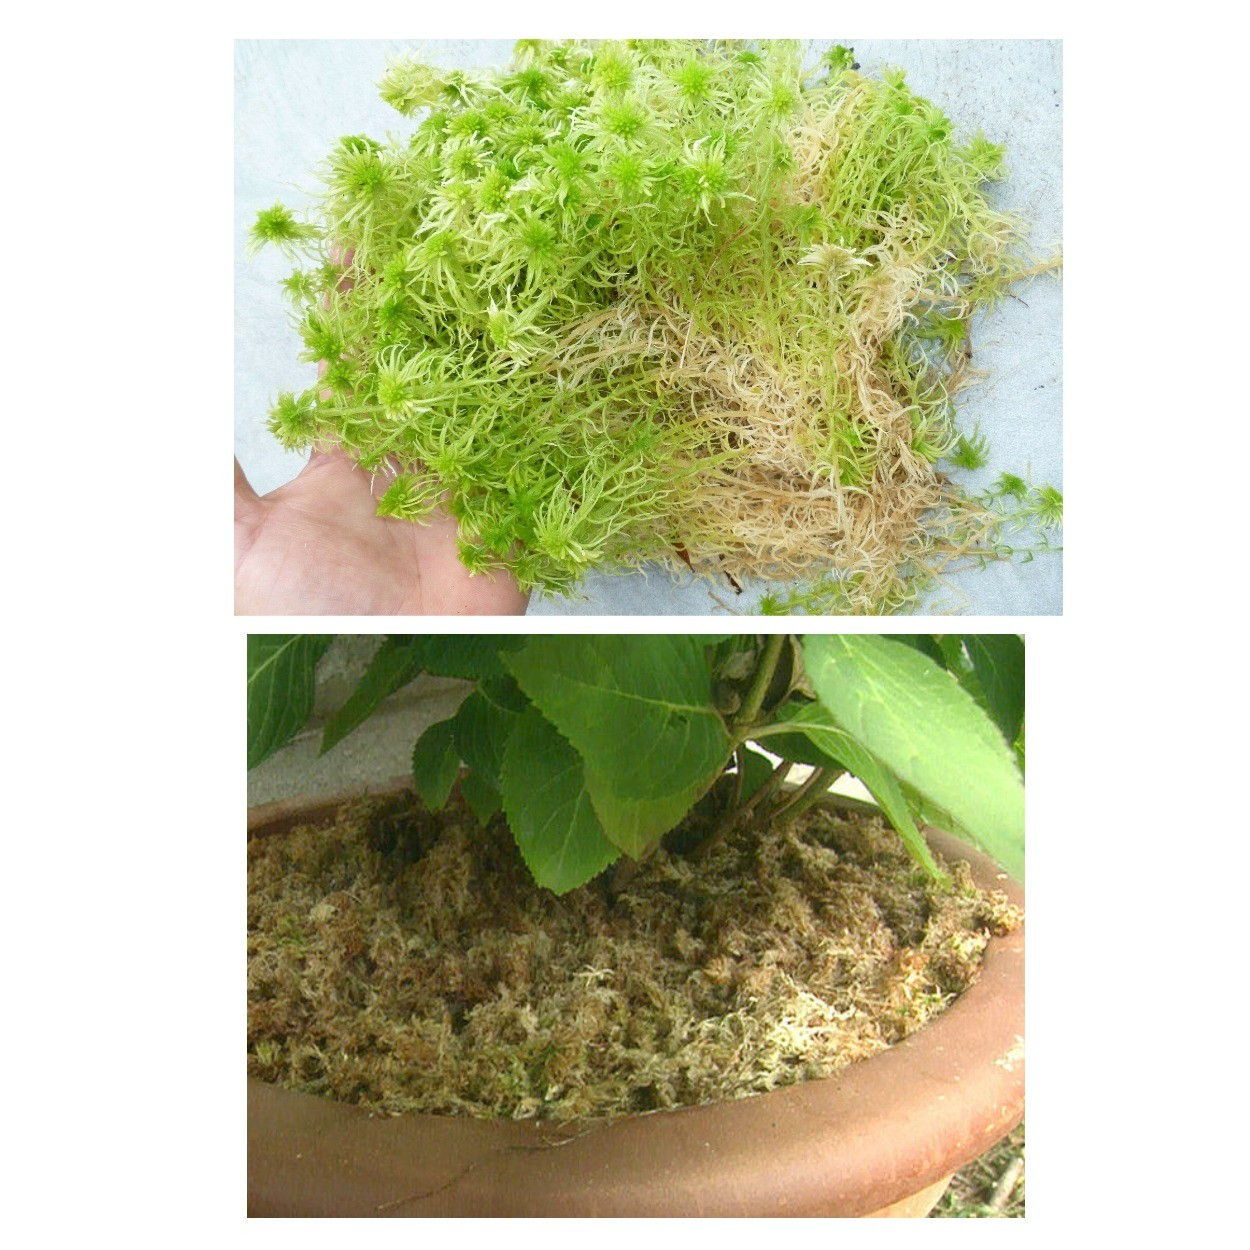 изображение мох сфагнум как дренаж для цветов